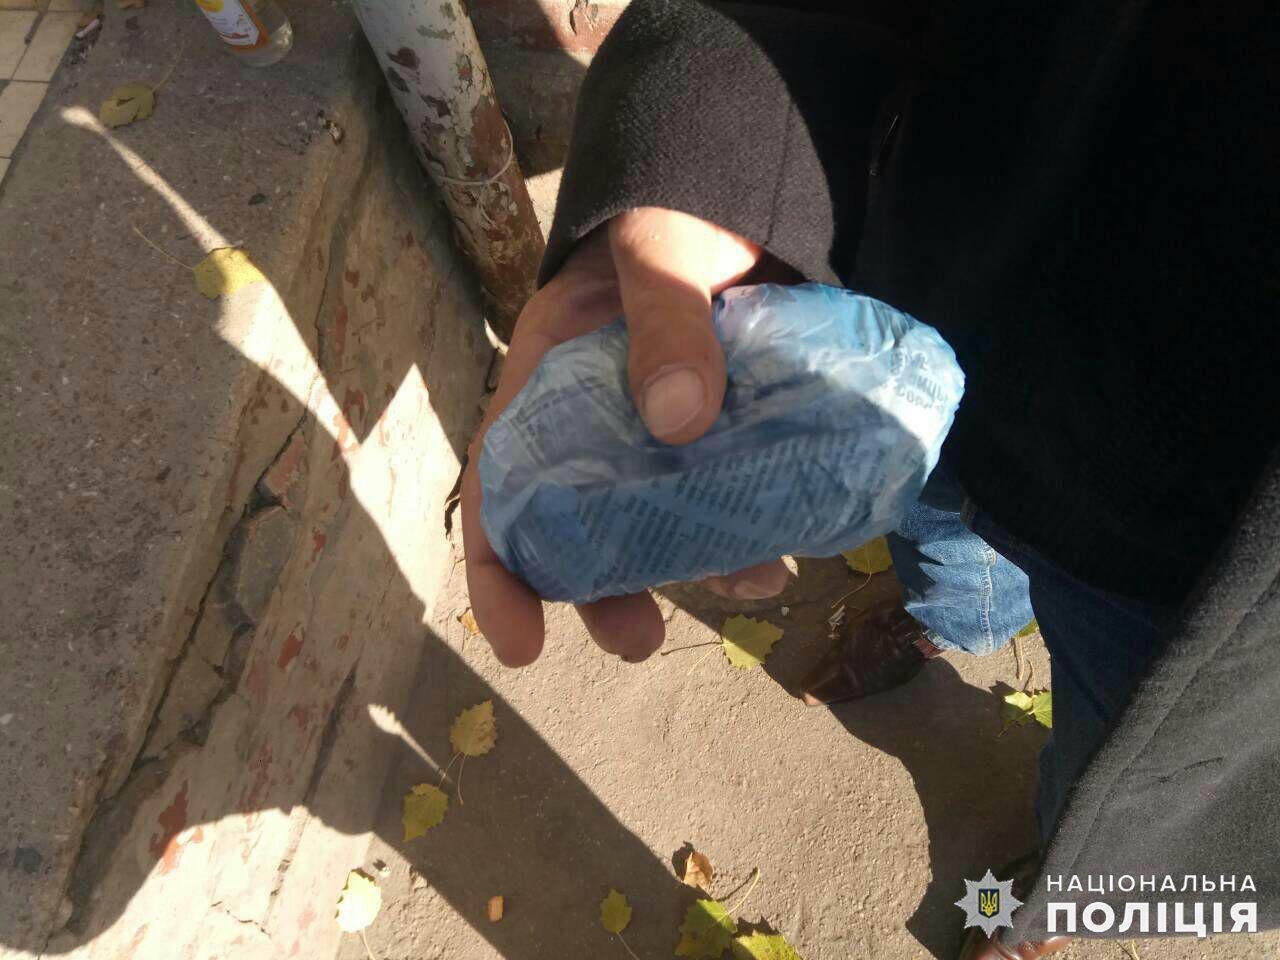 Гремучая смесь: У выпивавшего на улице жителя Дружковки полицейские обнаружили сверток с «травкой», фото-1